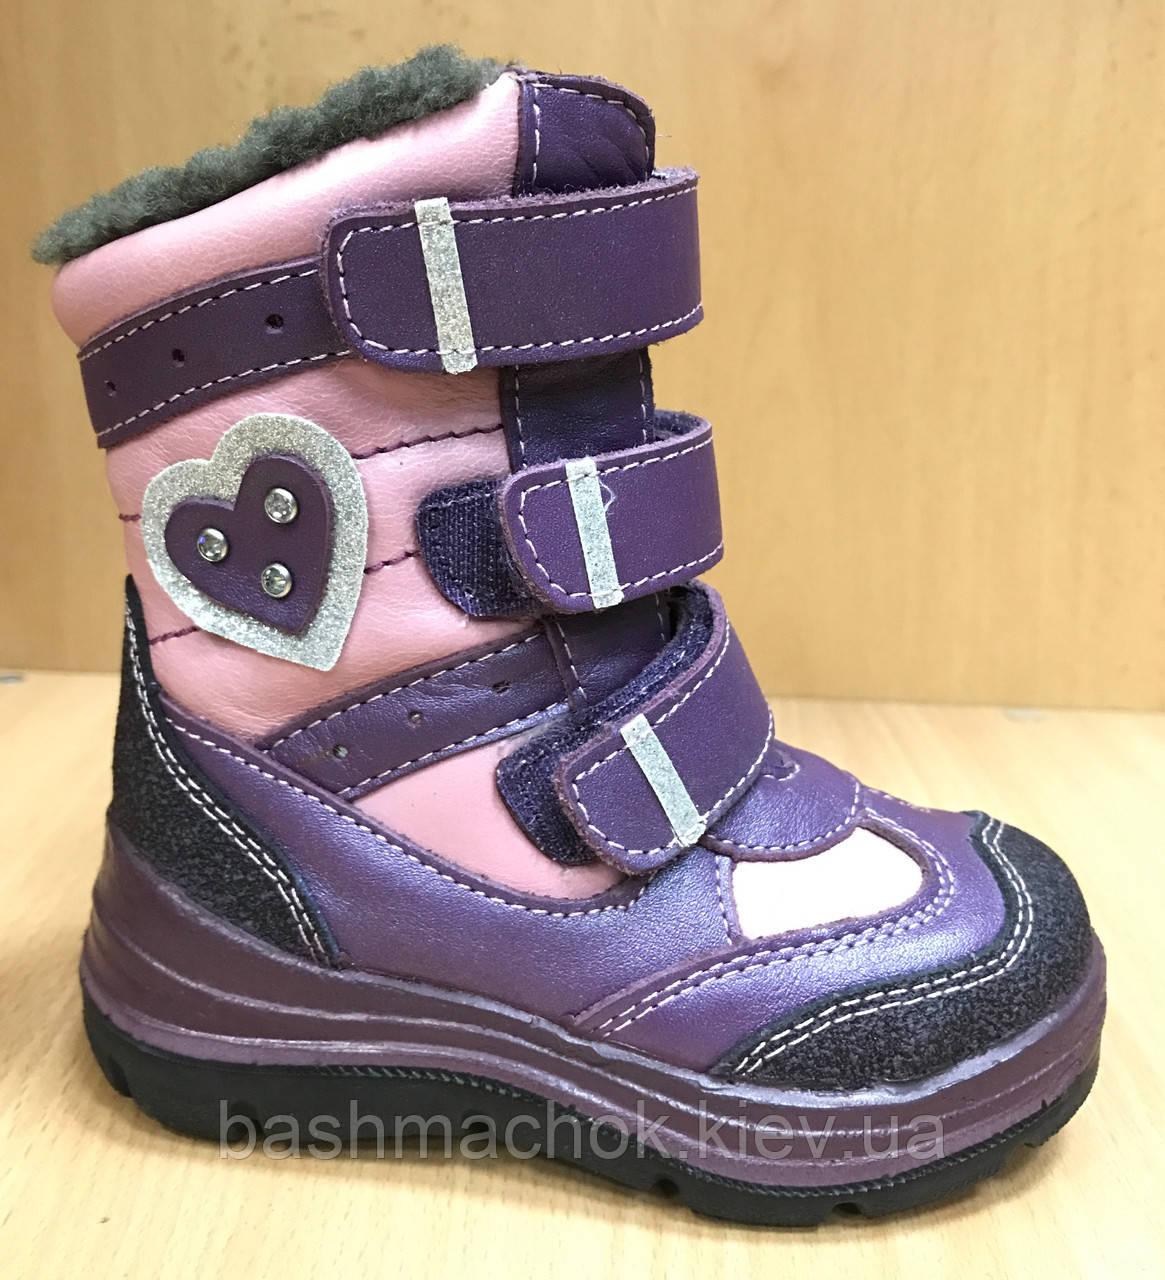 50aca8222 Детские зимние кожаные ботинки Котофей на цигейке размер 23,28 -  Интернет-магазин детской